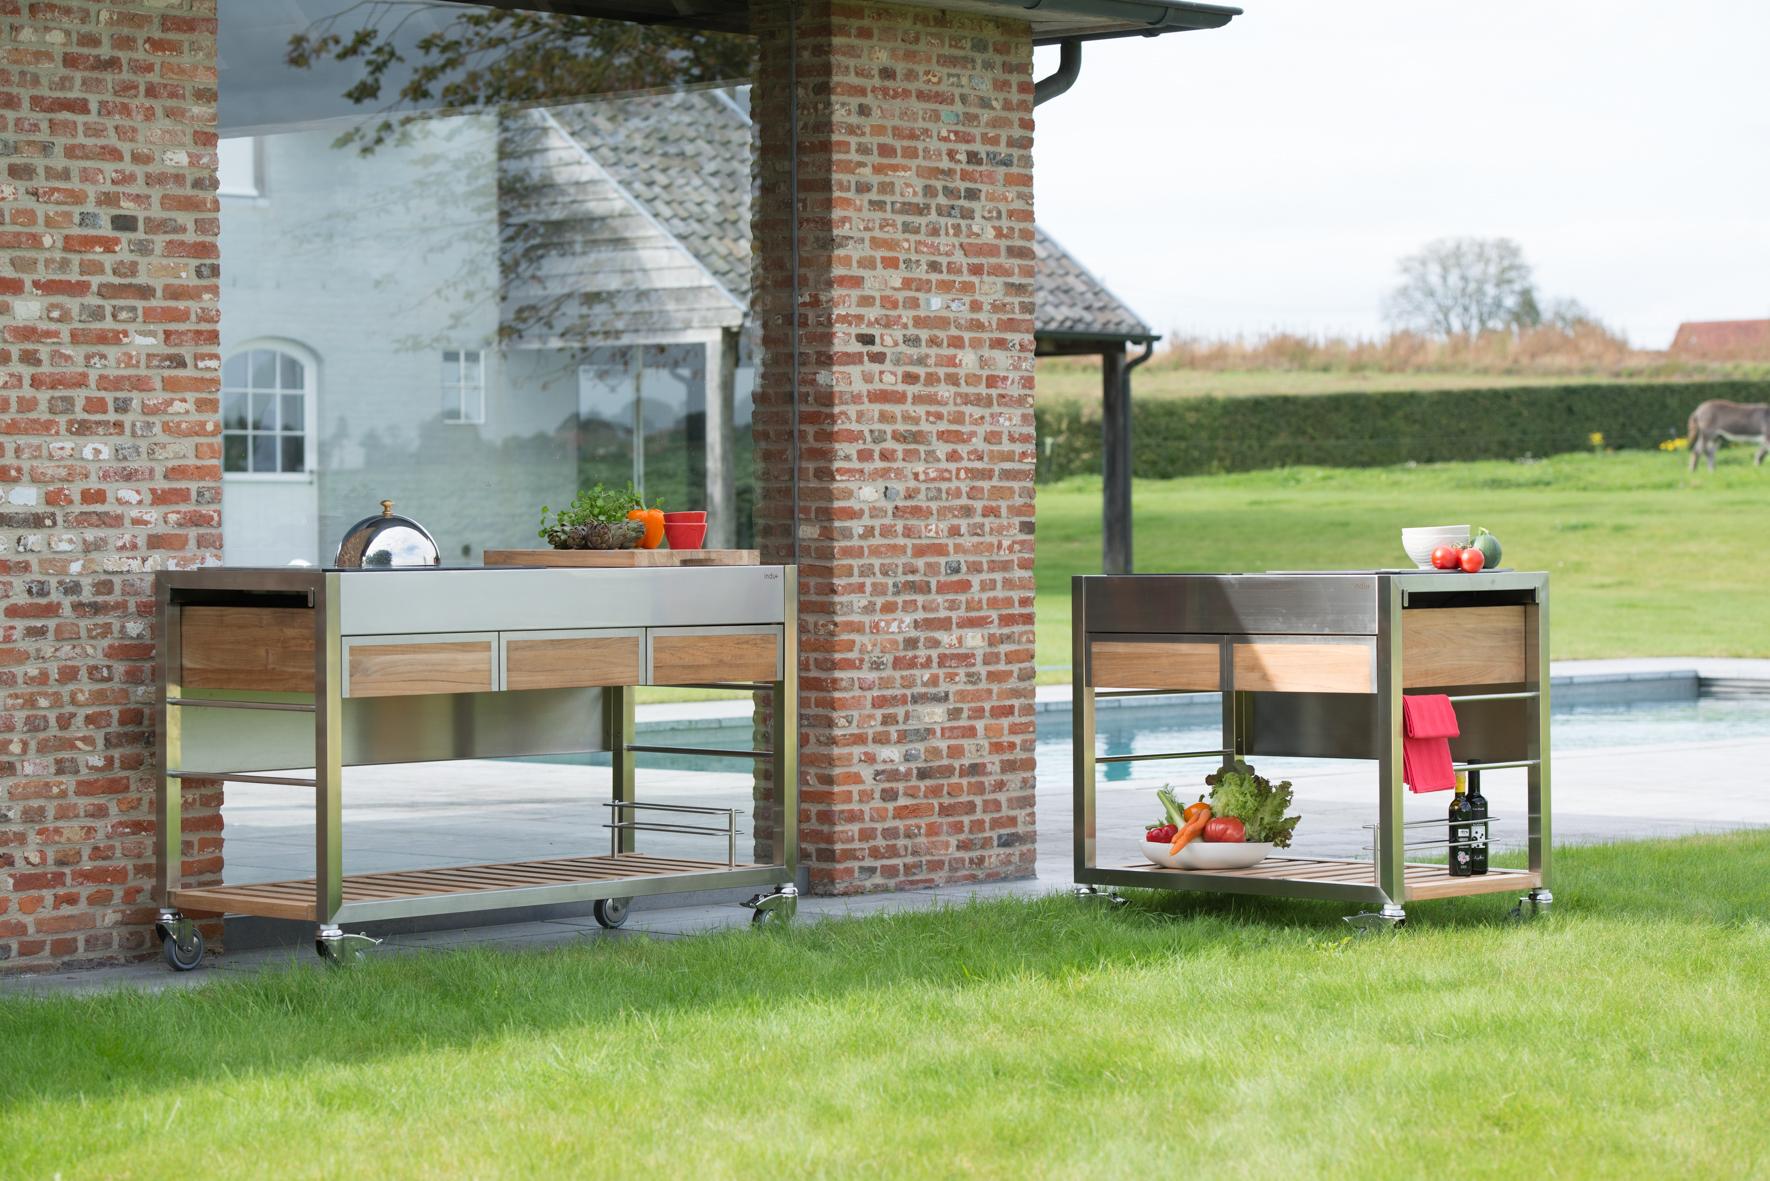 Outdoorküche Klappbar Preisvergleich : Outdoorküche tomboy duo outdoorküche grill & bbq demmelhuber.net